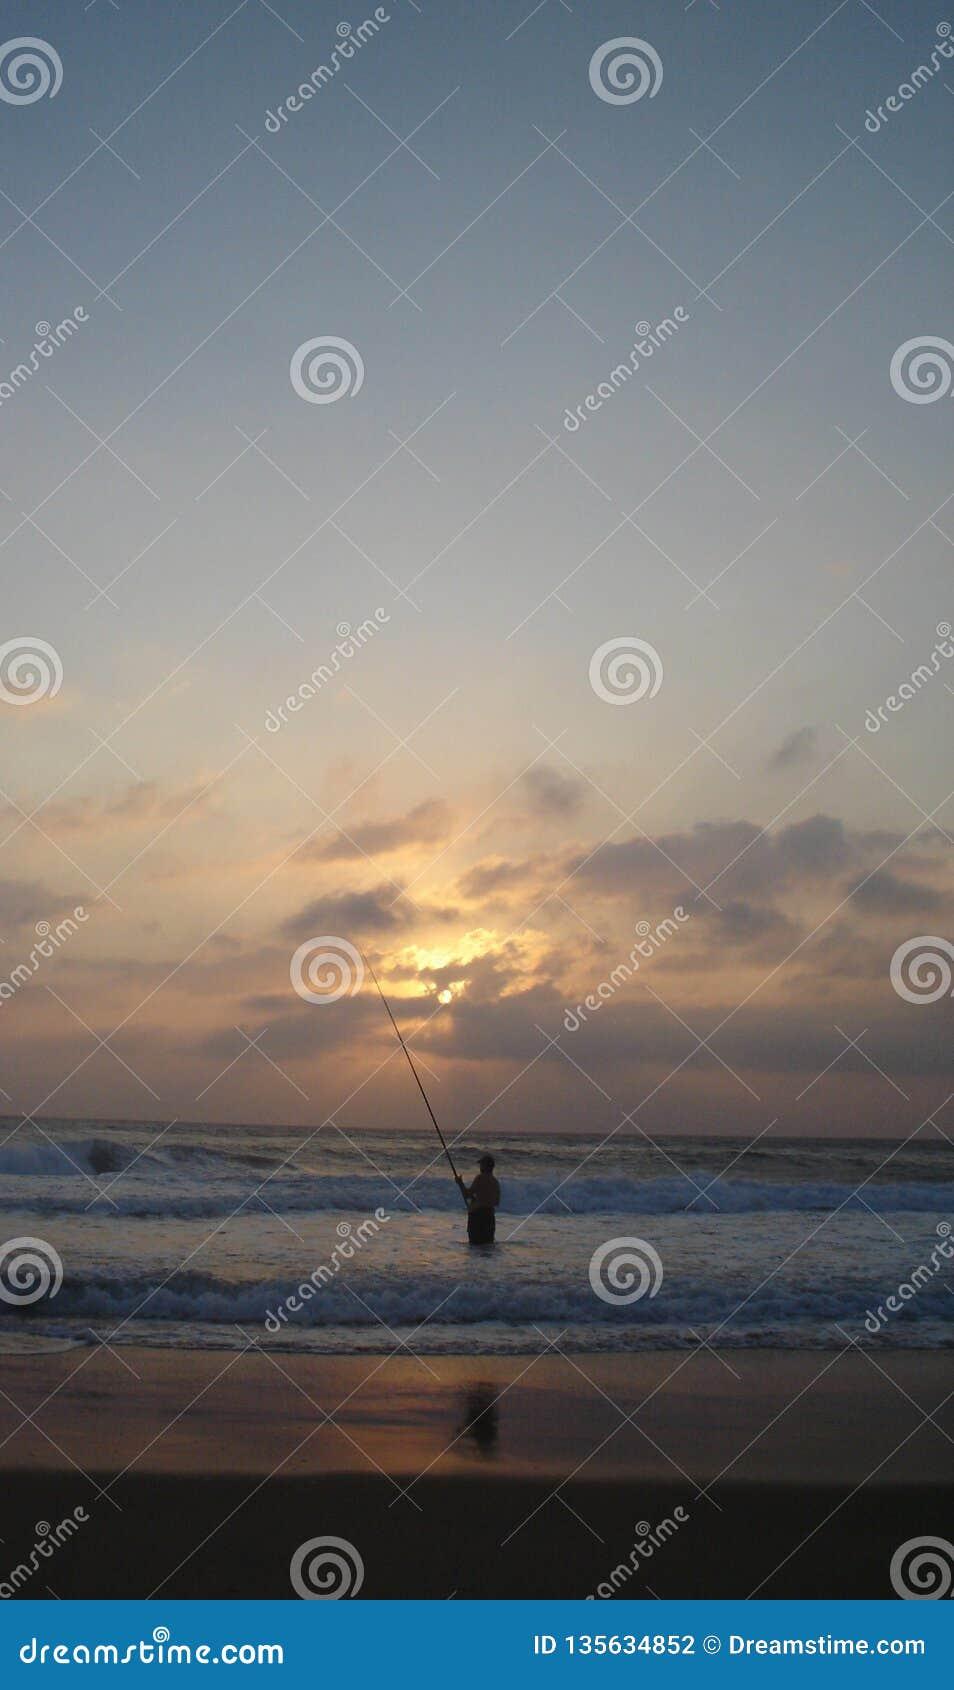 Απομονωμένος υπομονετικός ψαράς που περιμένει τα ψάρια για να πάρουν το δόλωμα